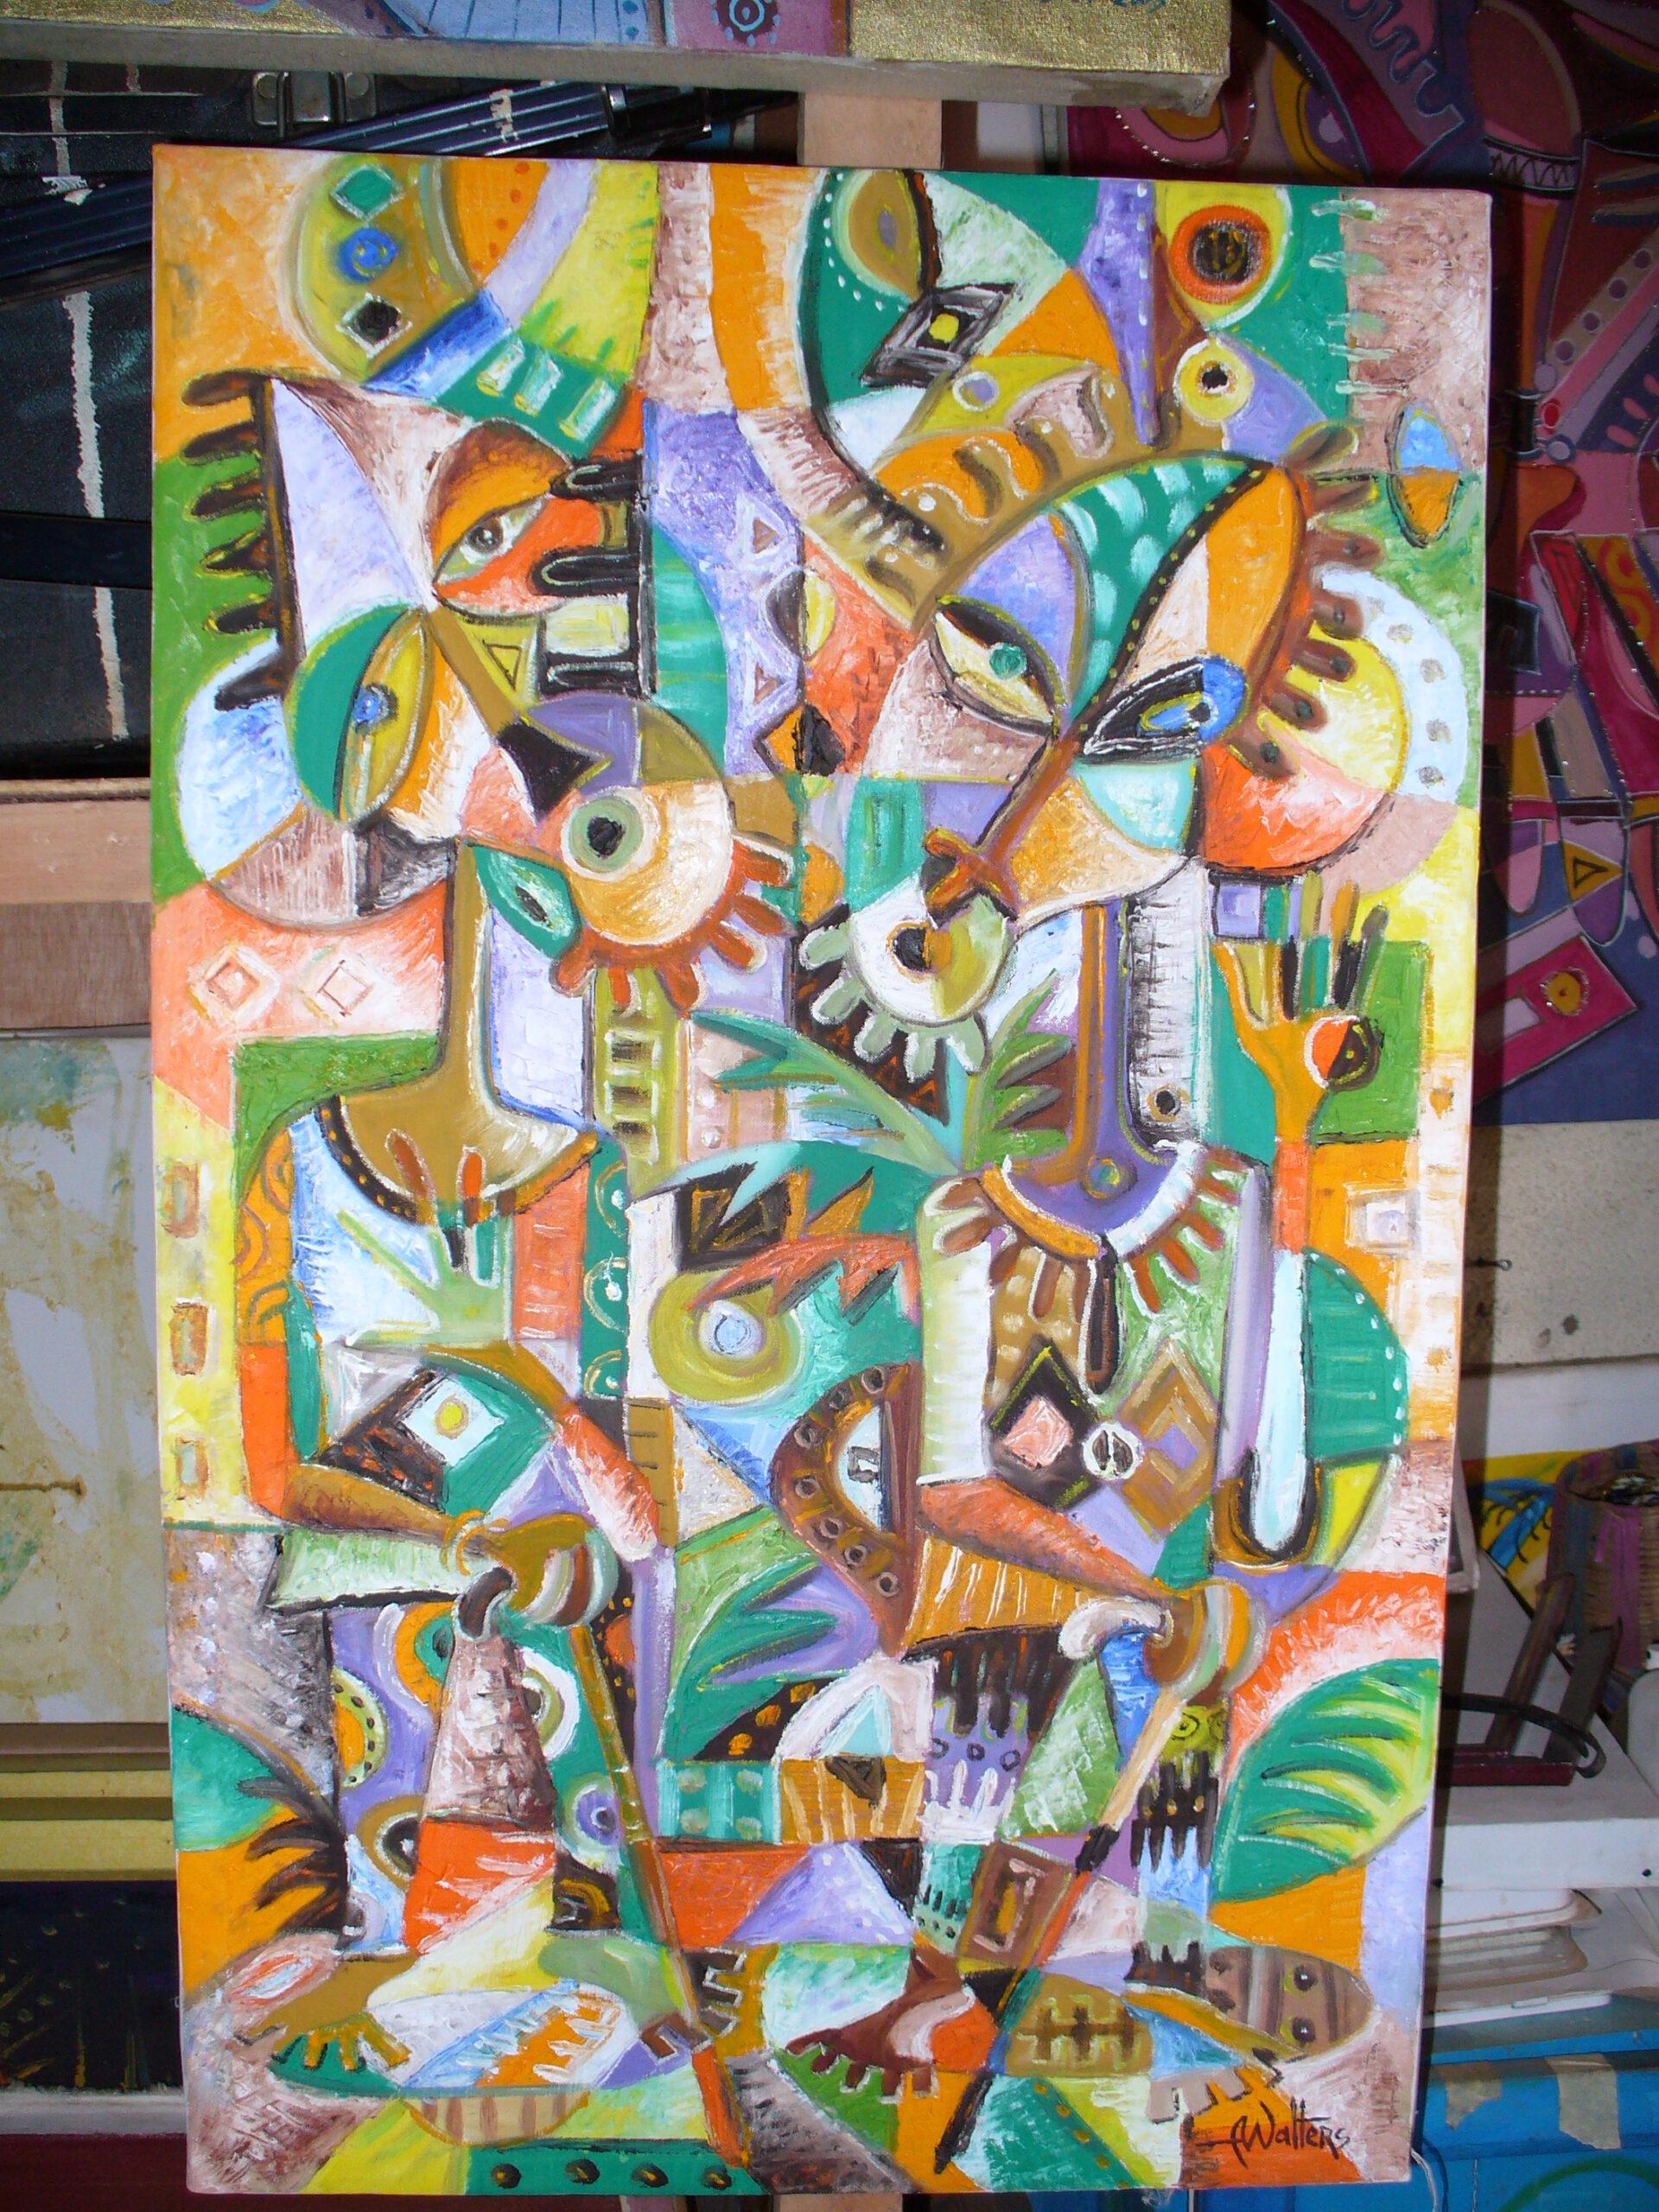 Angu Walters art studio